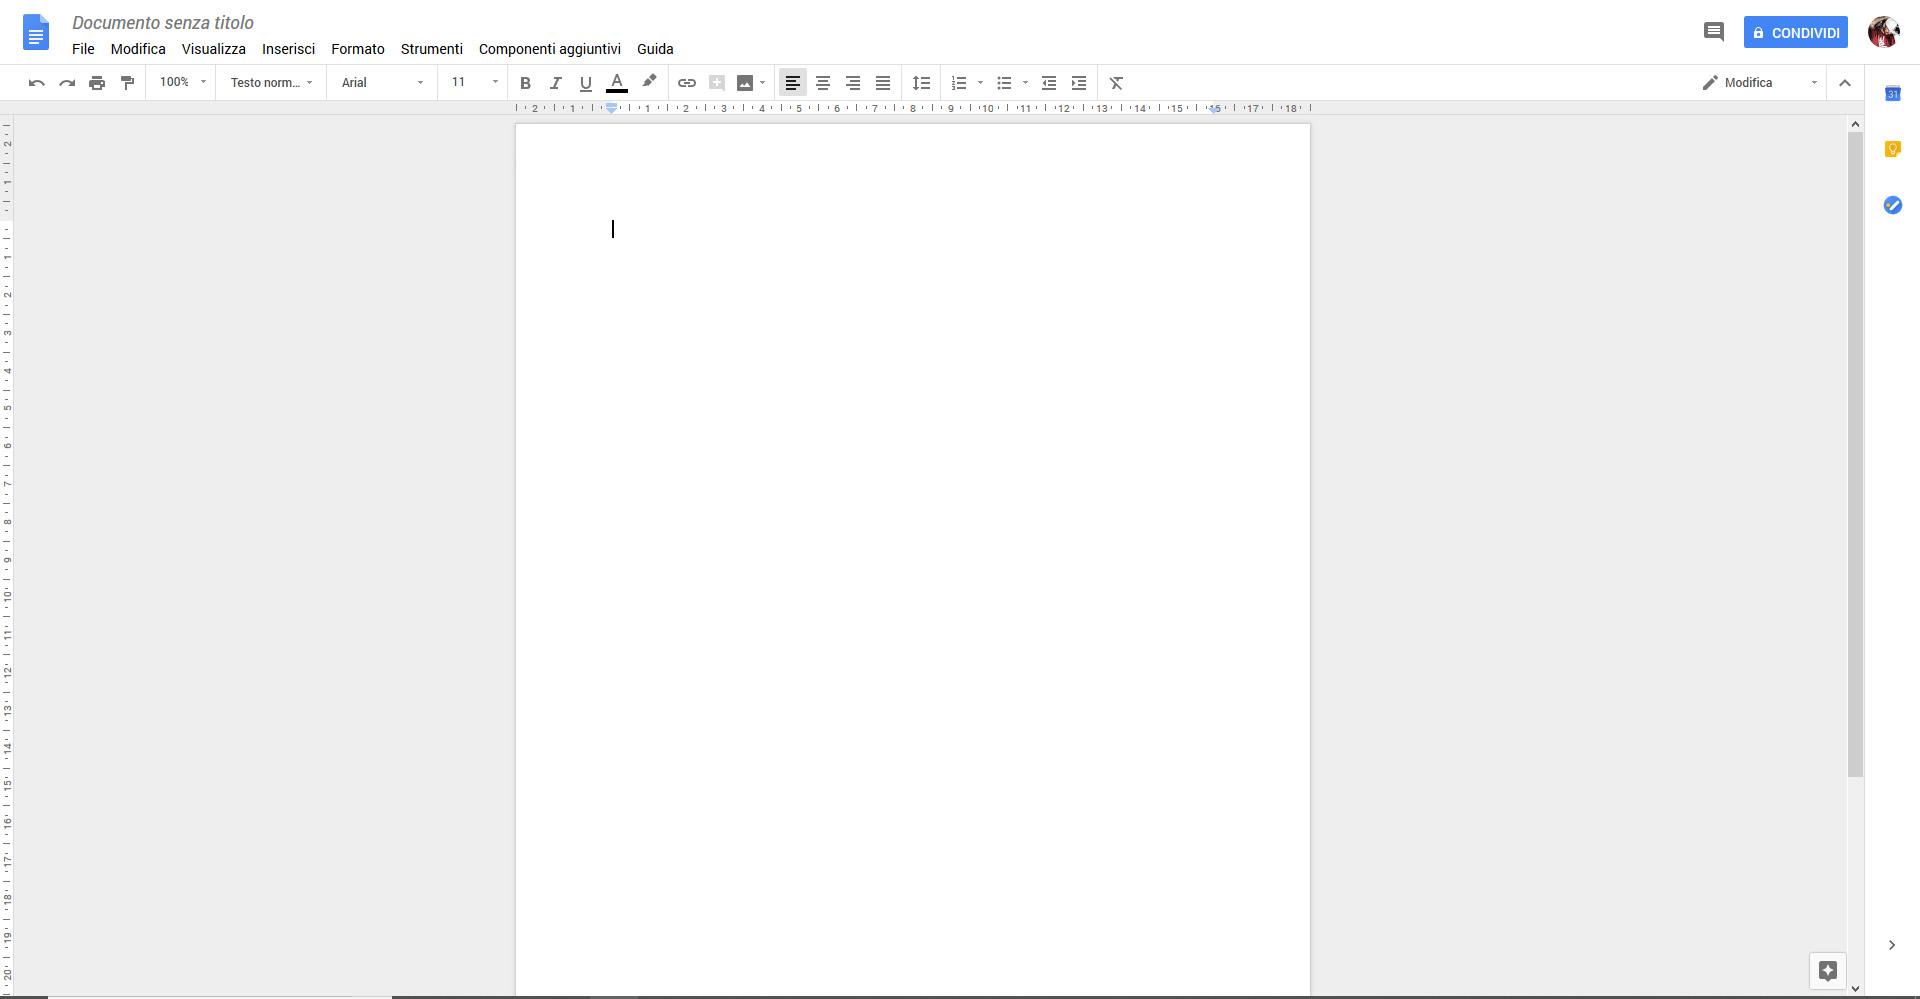 Come usare Google Documenti - Schermata Google Documenti